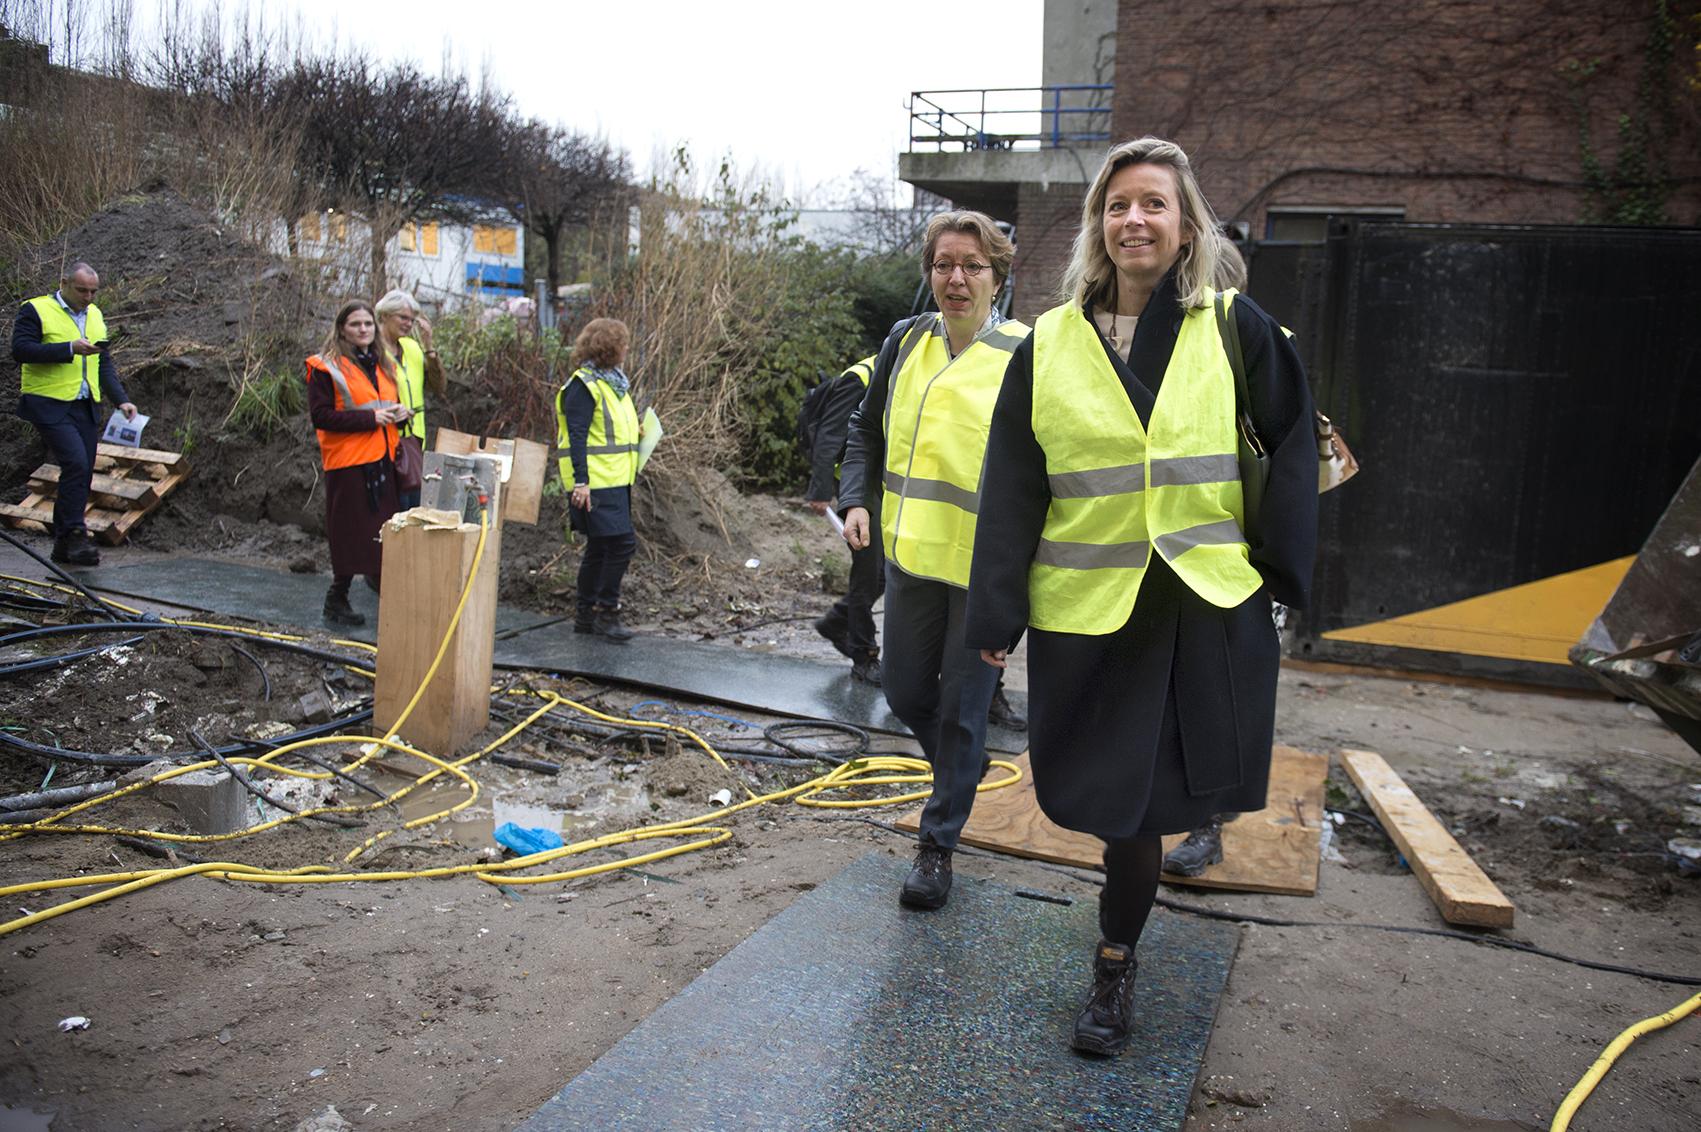 Nederland, Rotterdam, 20171127 Minister van BZK Kasja Ollongren bij de ondertekening van een samenwerkingsverband van de Stad Rotterdam. Ook bracht zij een bezoek aan het nieuw gebouwde zwembad in Rotterdam-Zuid. Foto: Kick Smeets / Rijksoverheid 2017